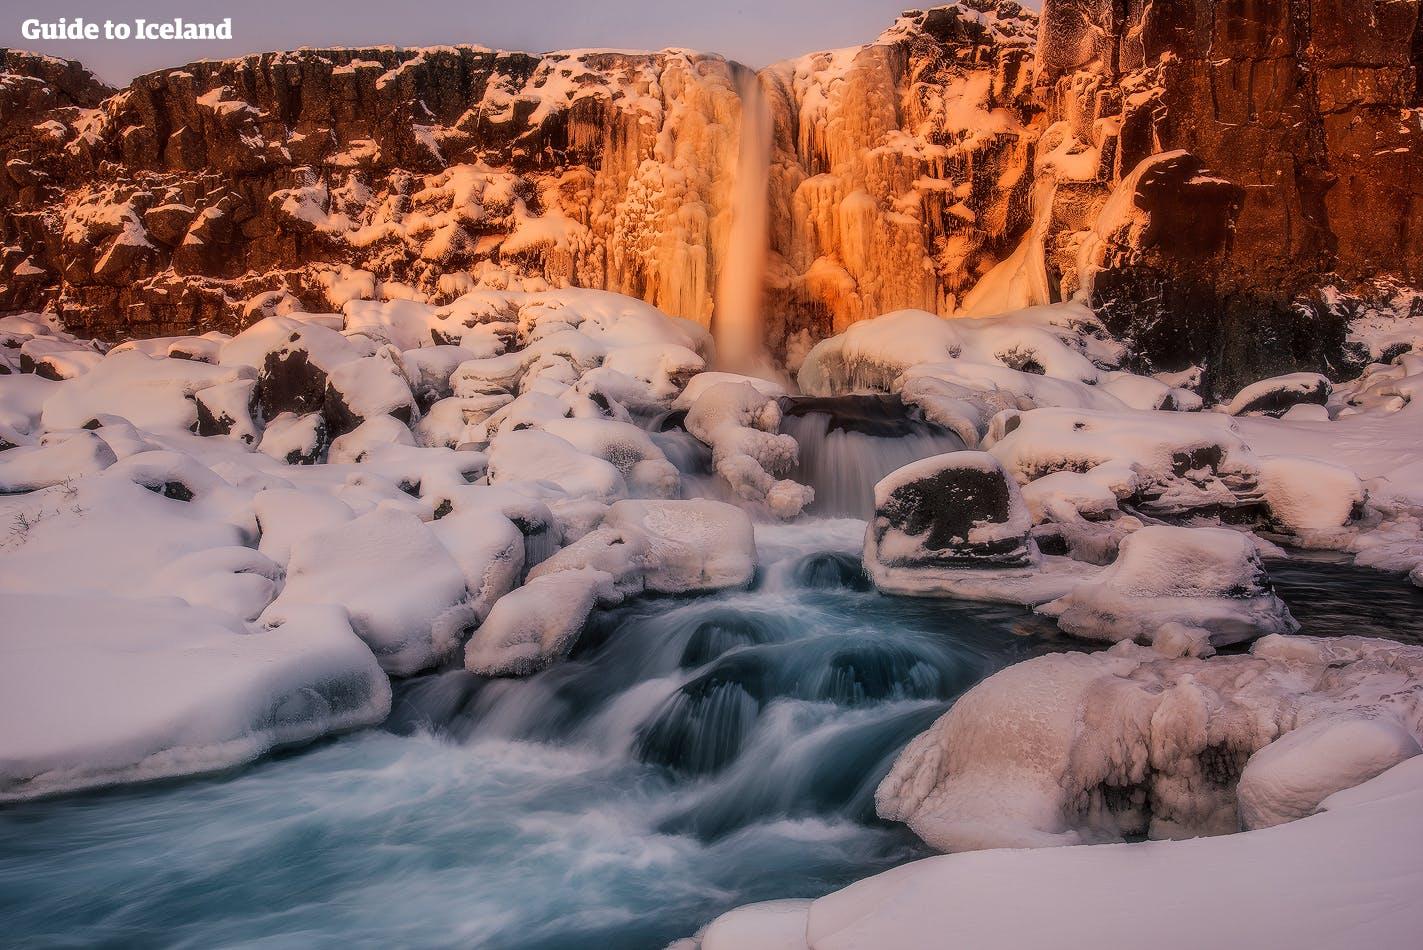 Öxárfoss瀑布位于辛格维利尔国家公园之中